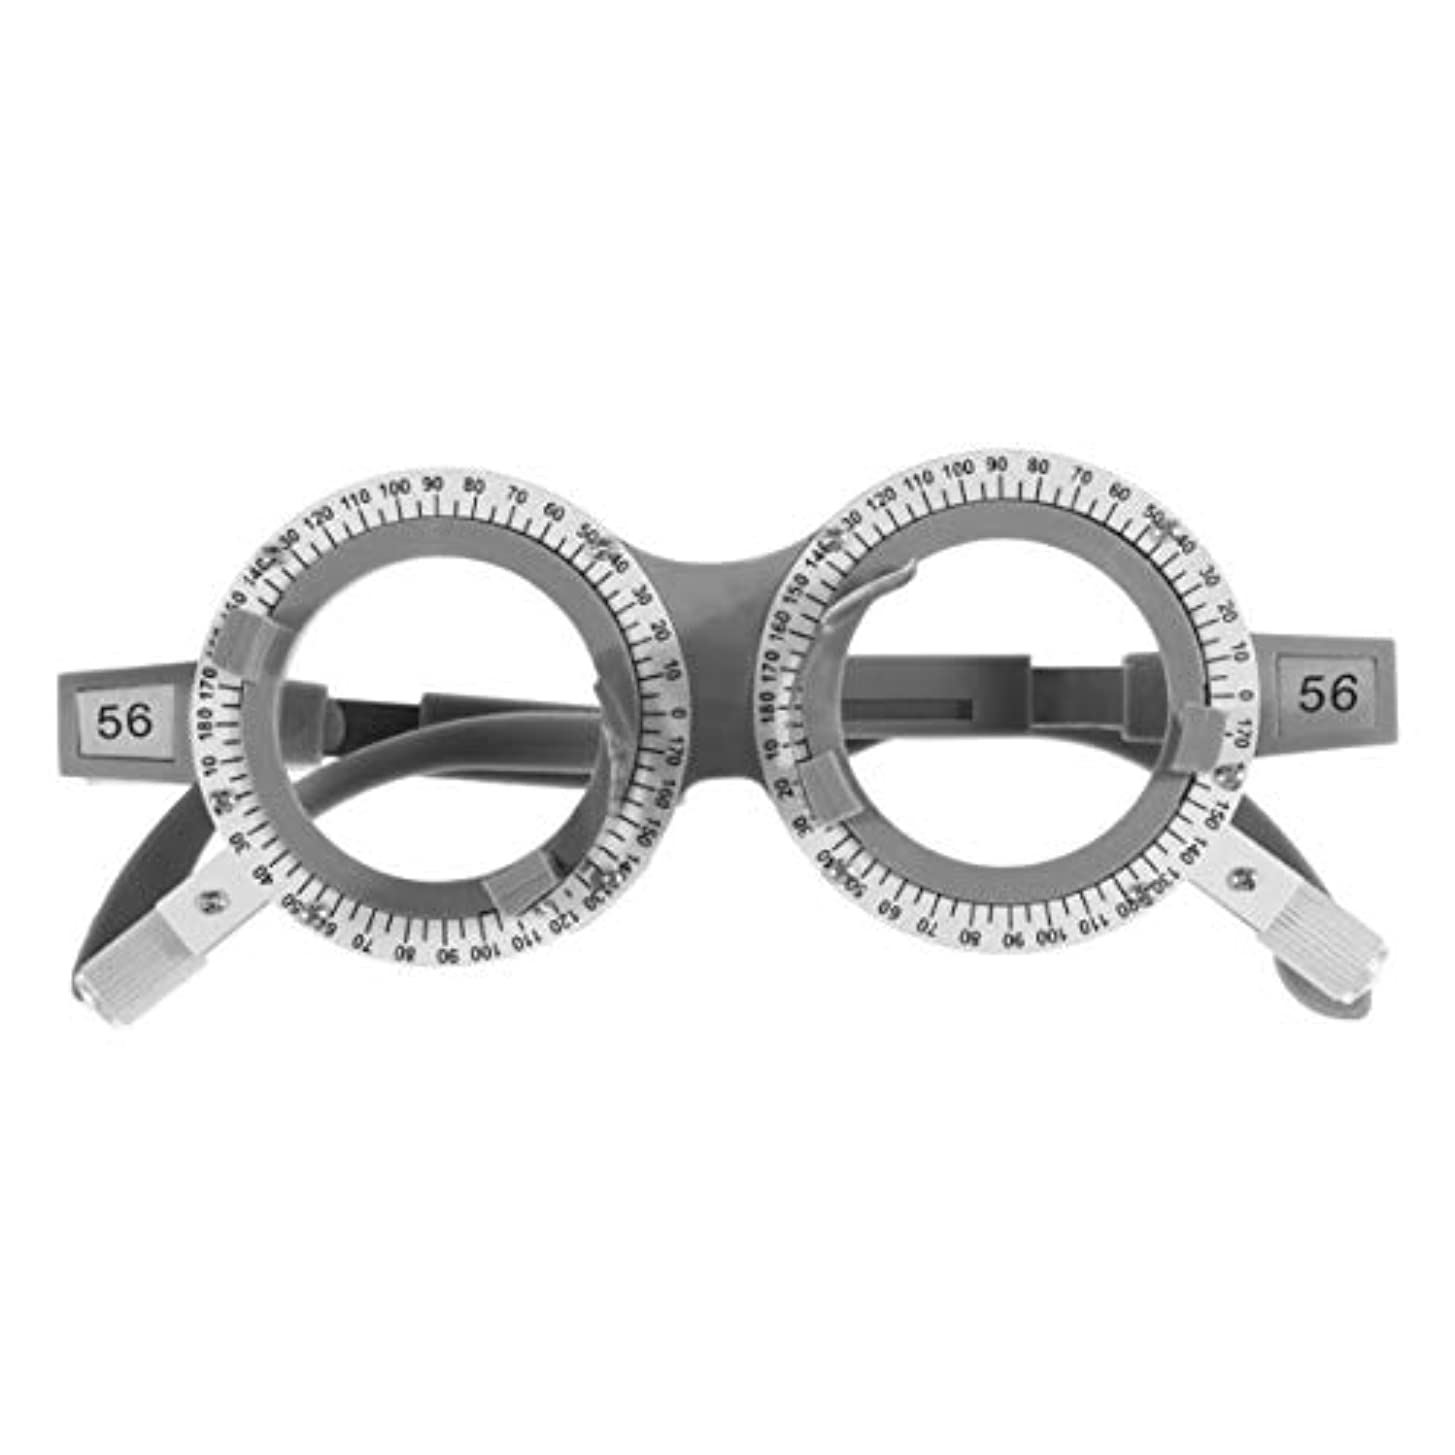 改善するキルト仲間SUPVOX 光学トライアルレンズフレームpd 56光学チタン光学トライアルアイ検眼レンズフレームテスト眼鏡